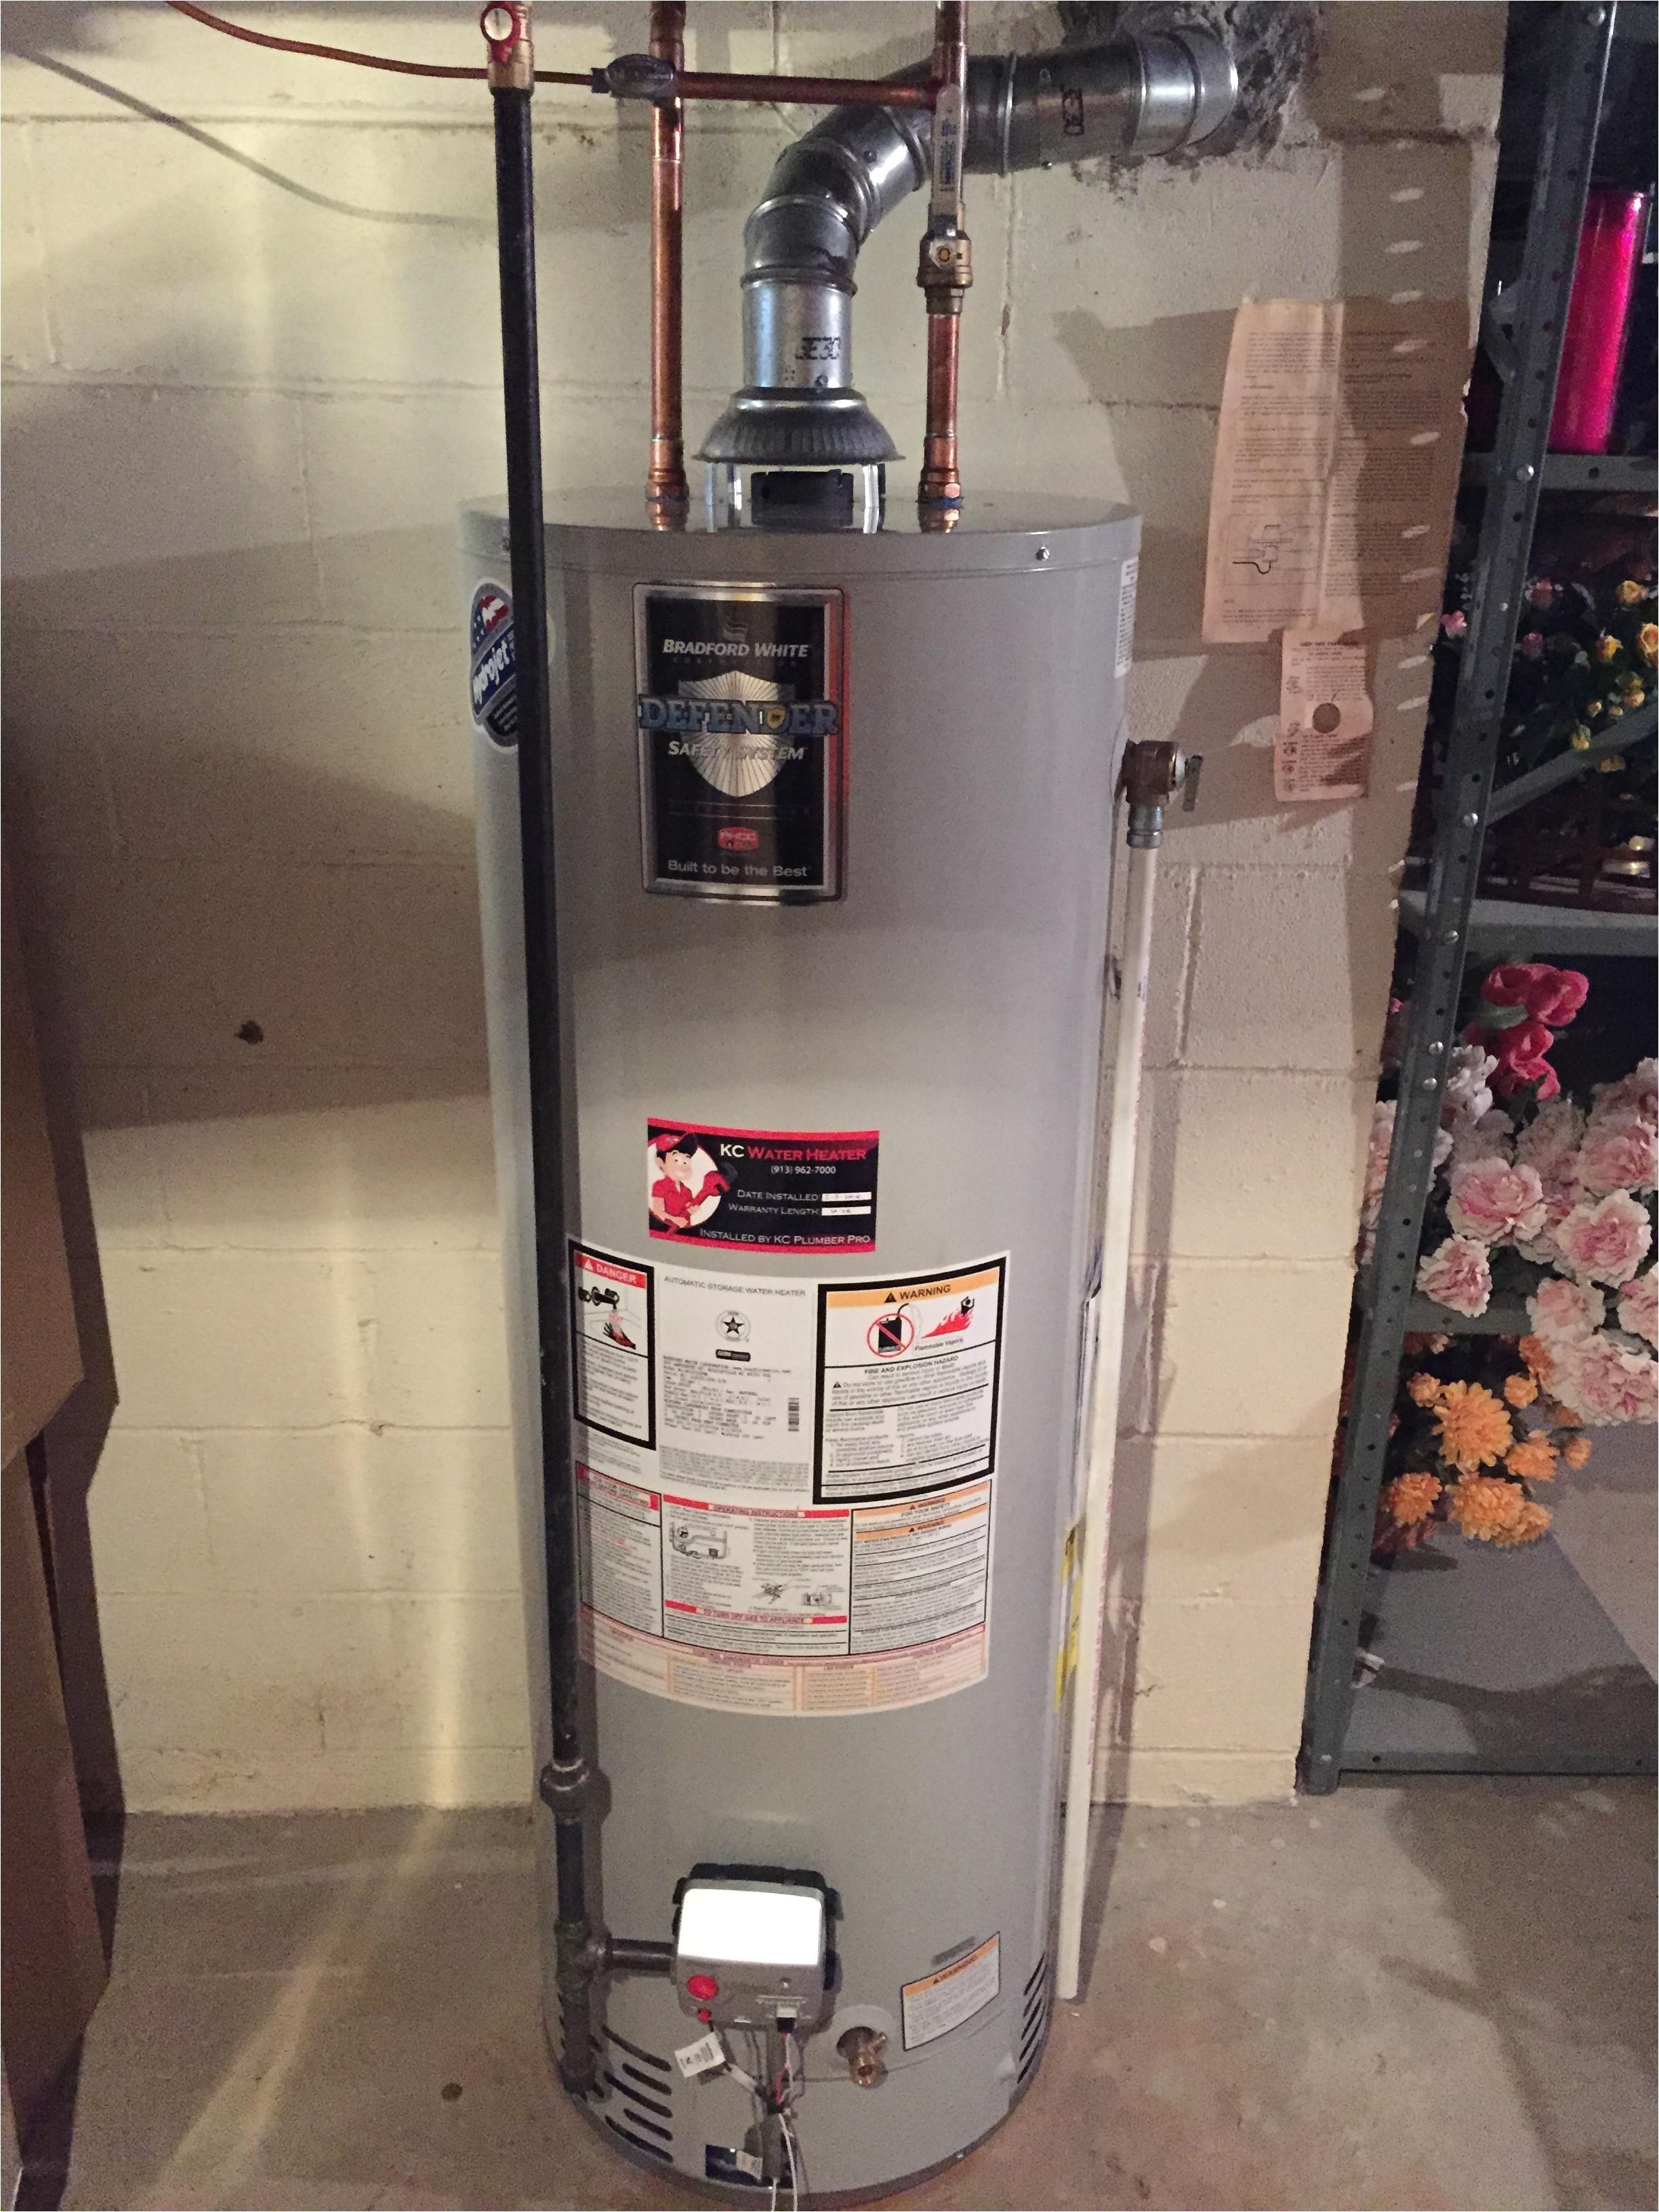 State Industries Water Heater Age State Water Heater Serial Number Lendingunlocker